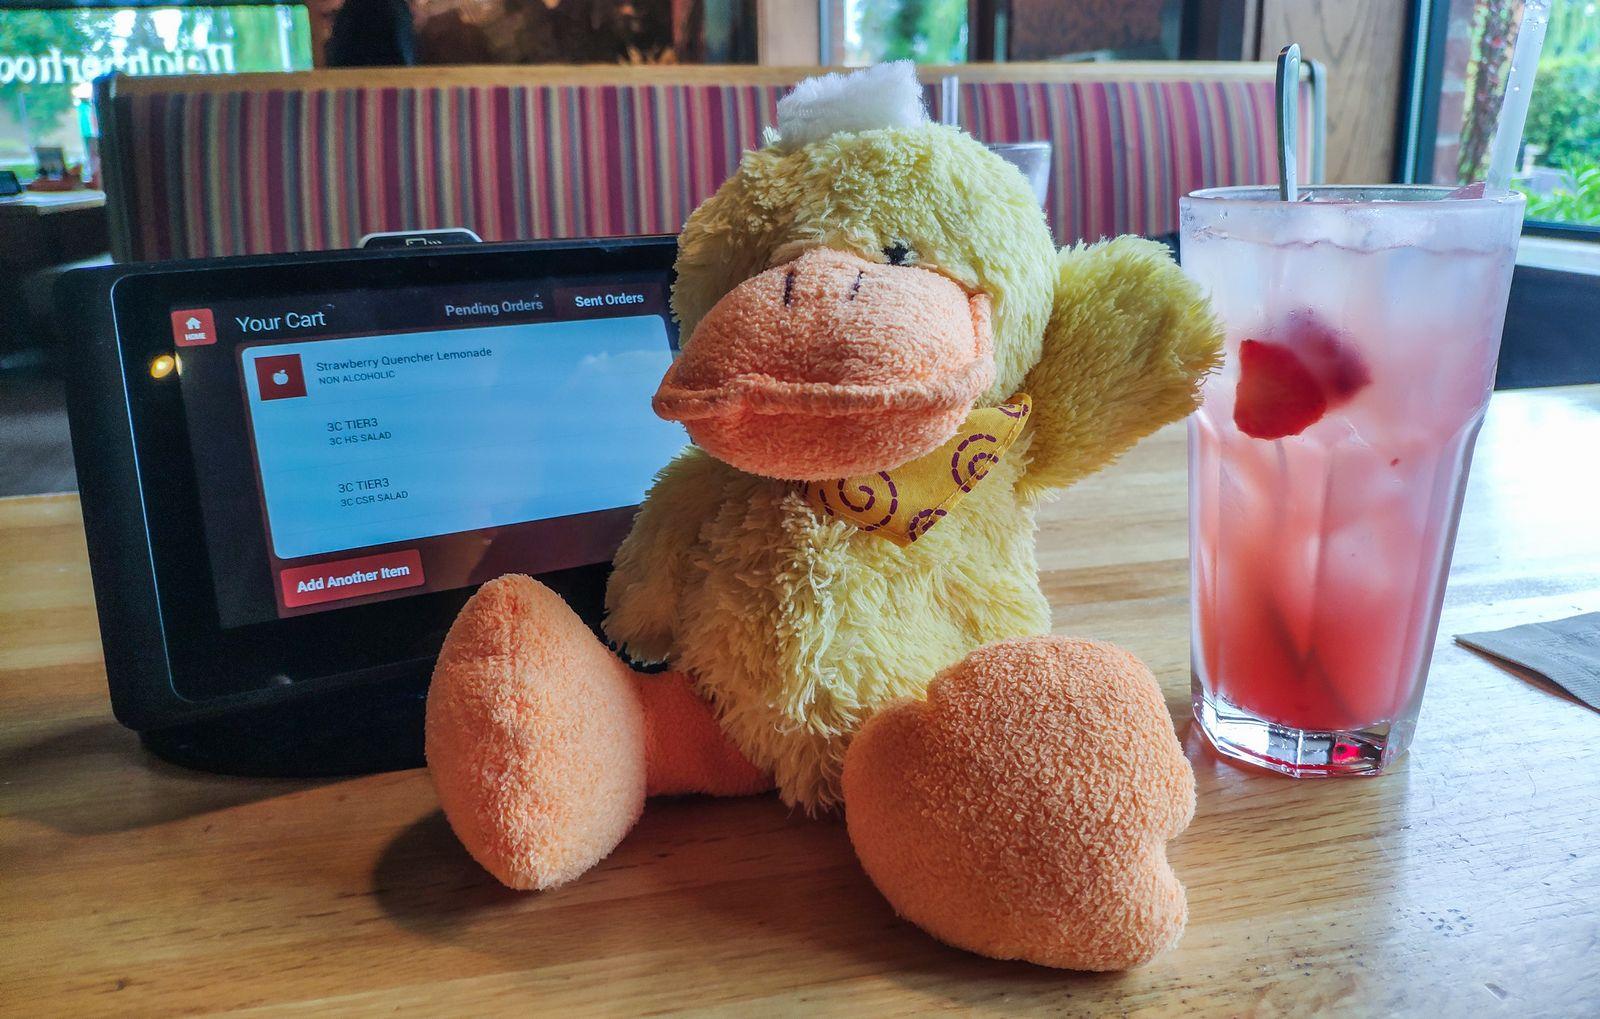 Mi nombre es Pato y seré vuestro camarero de hoy